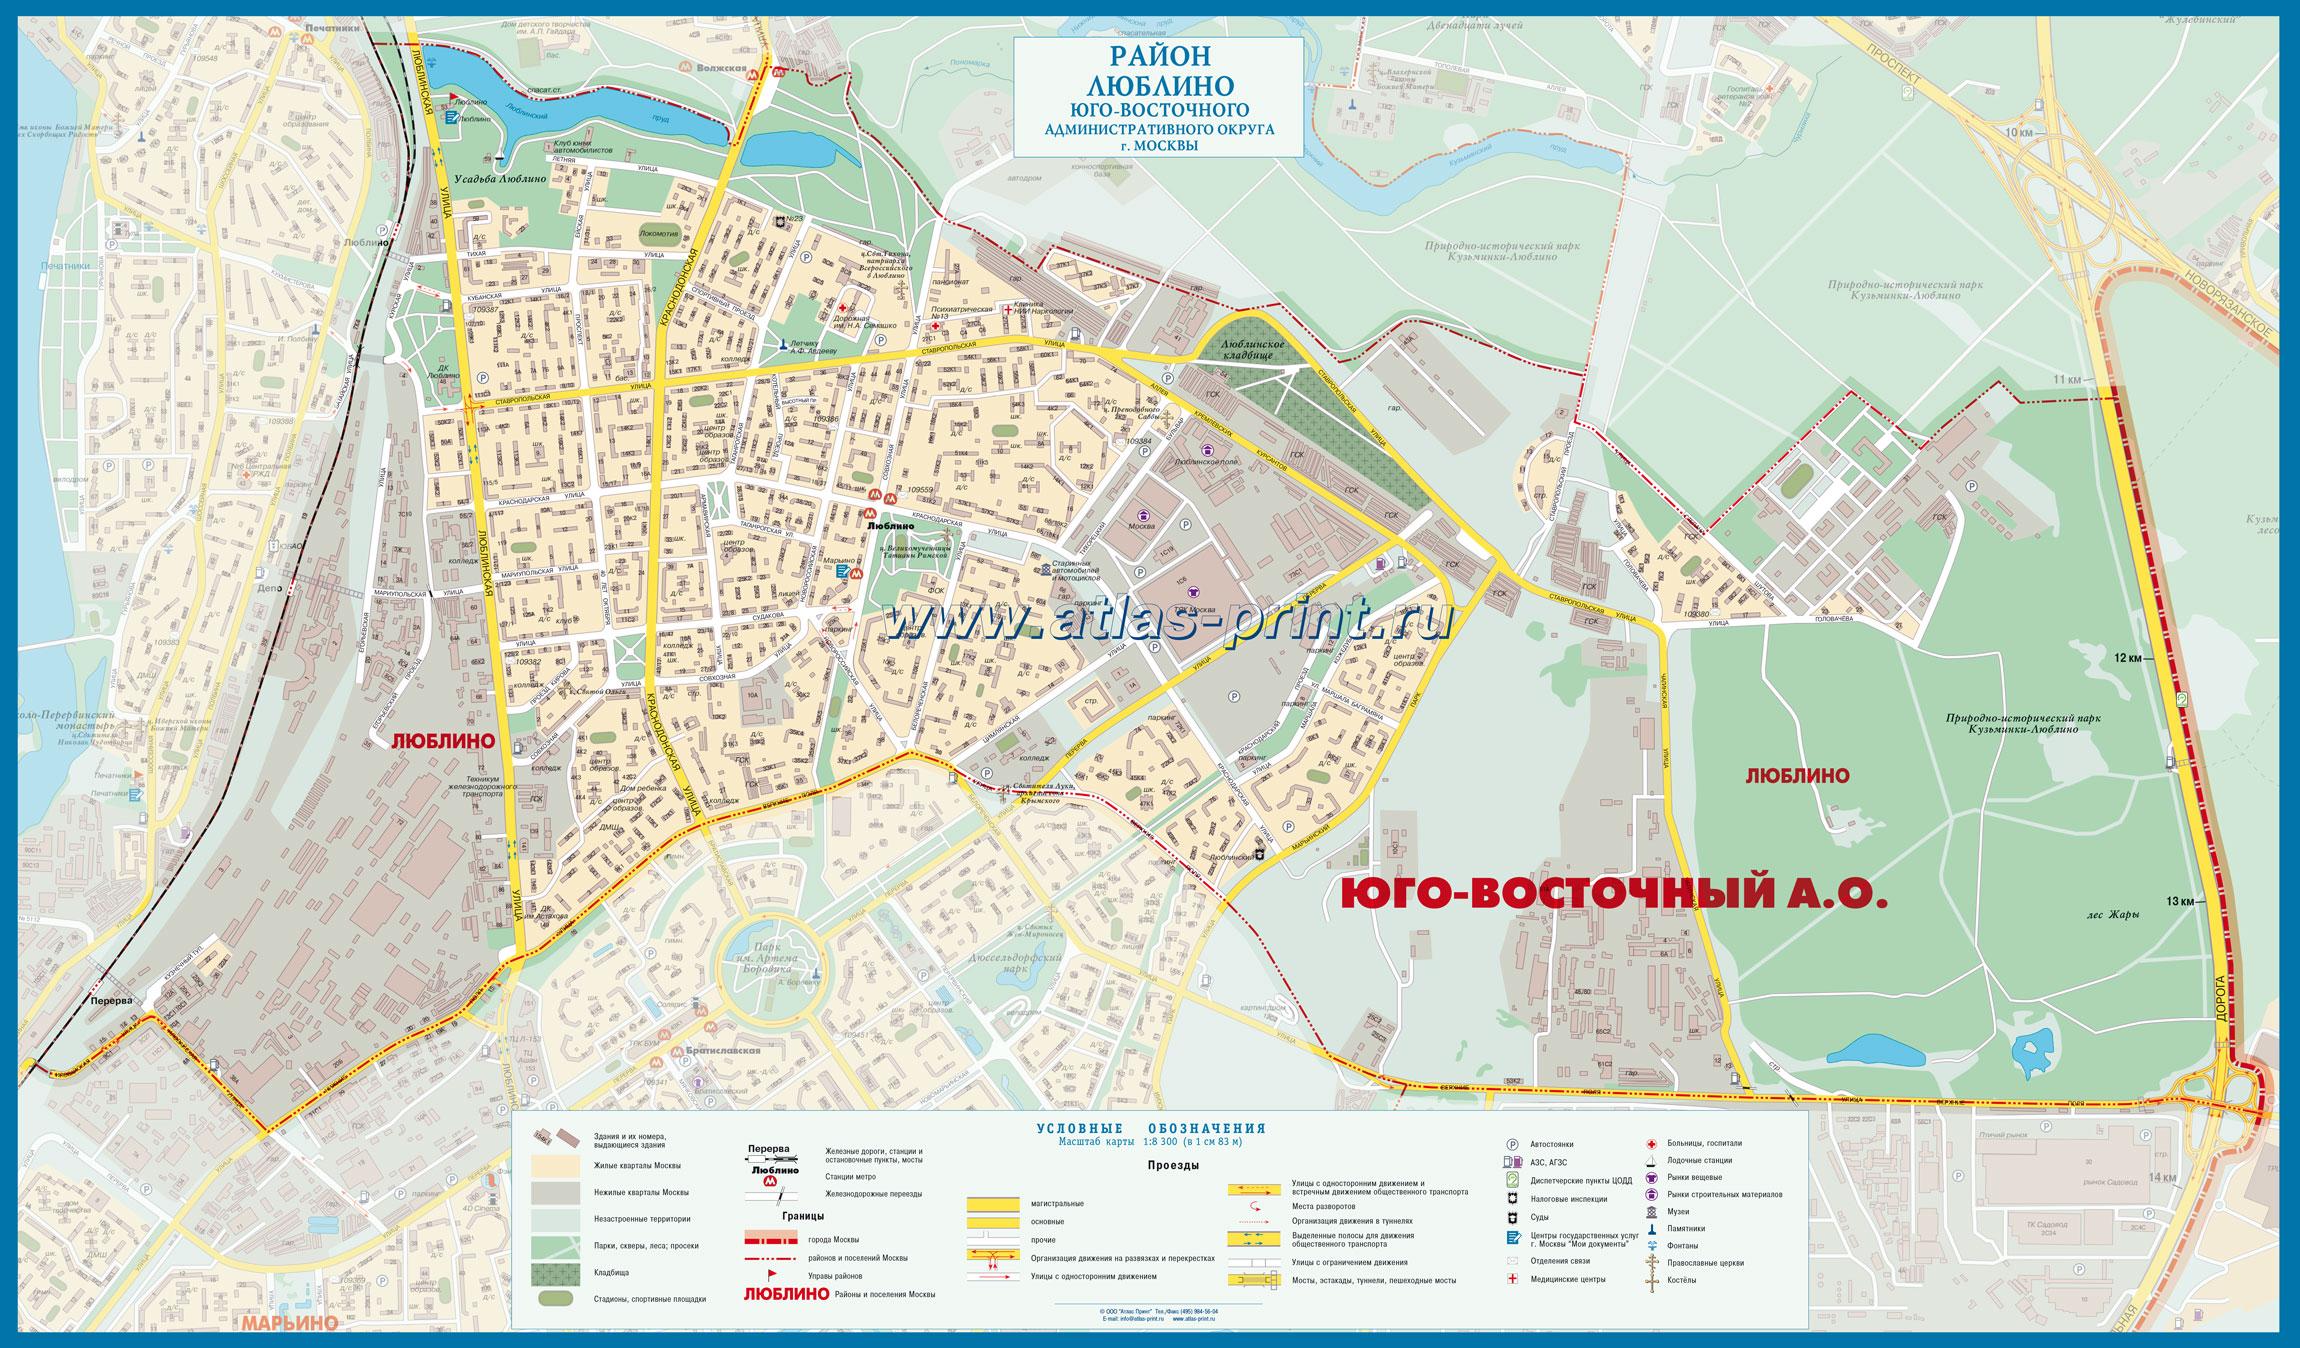 Настенная карта района ЛЮБЛИНО (ЮВАО)  г. Москвы 1,00*0,59 м, ламинированная